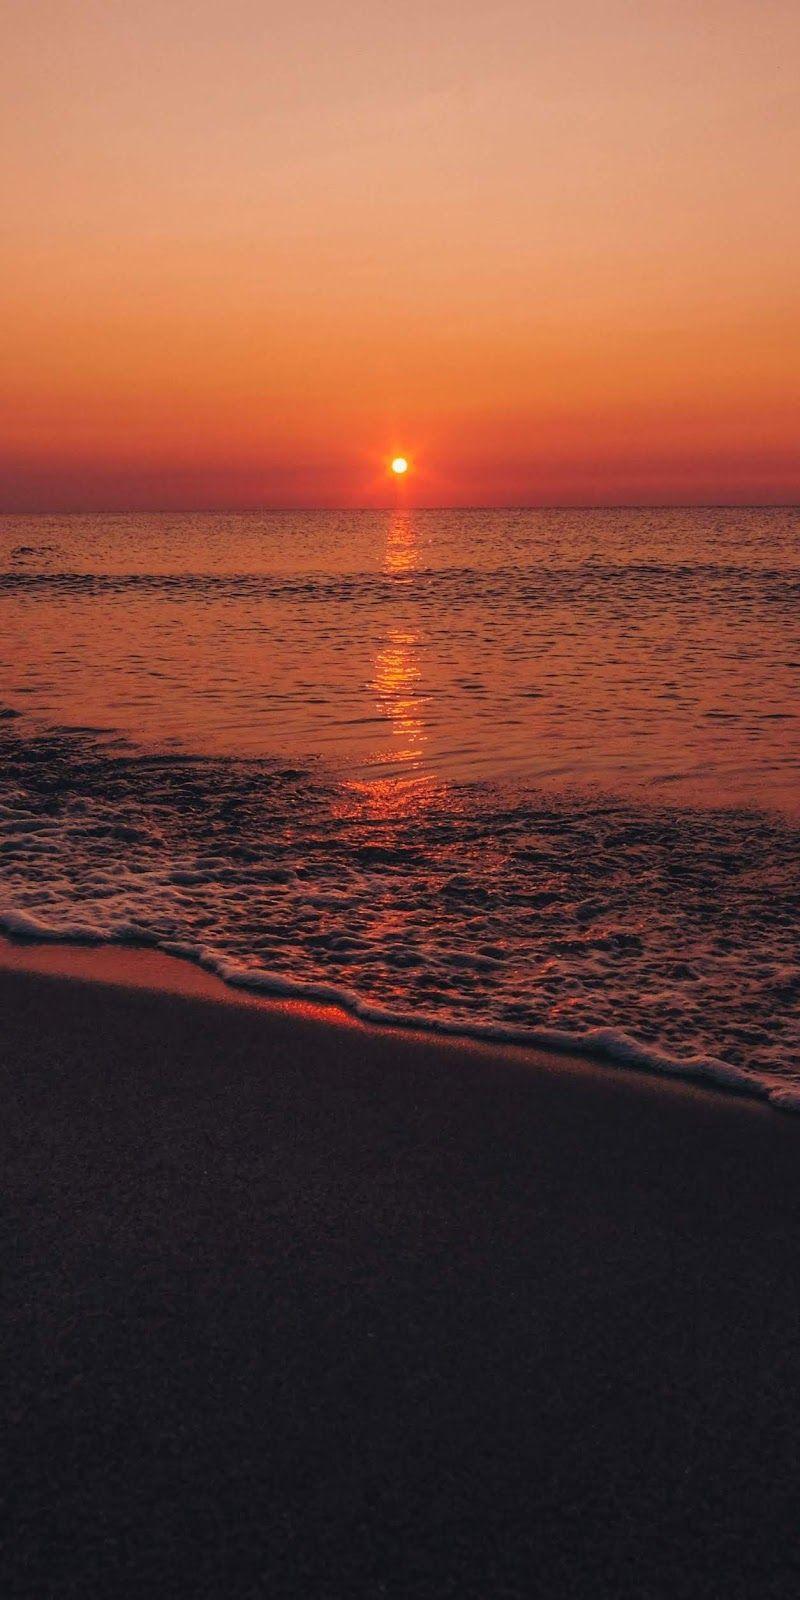 My Favorite Wallpaper Night View During Golden Hour Fotografi Alam Tempat Yang Indah Fotografi Pantai